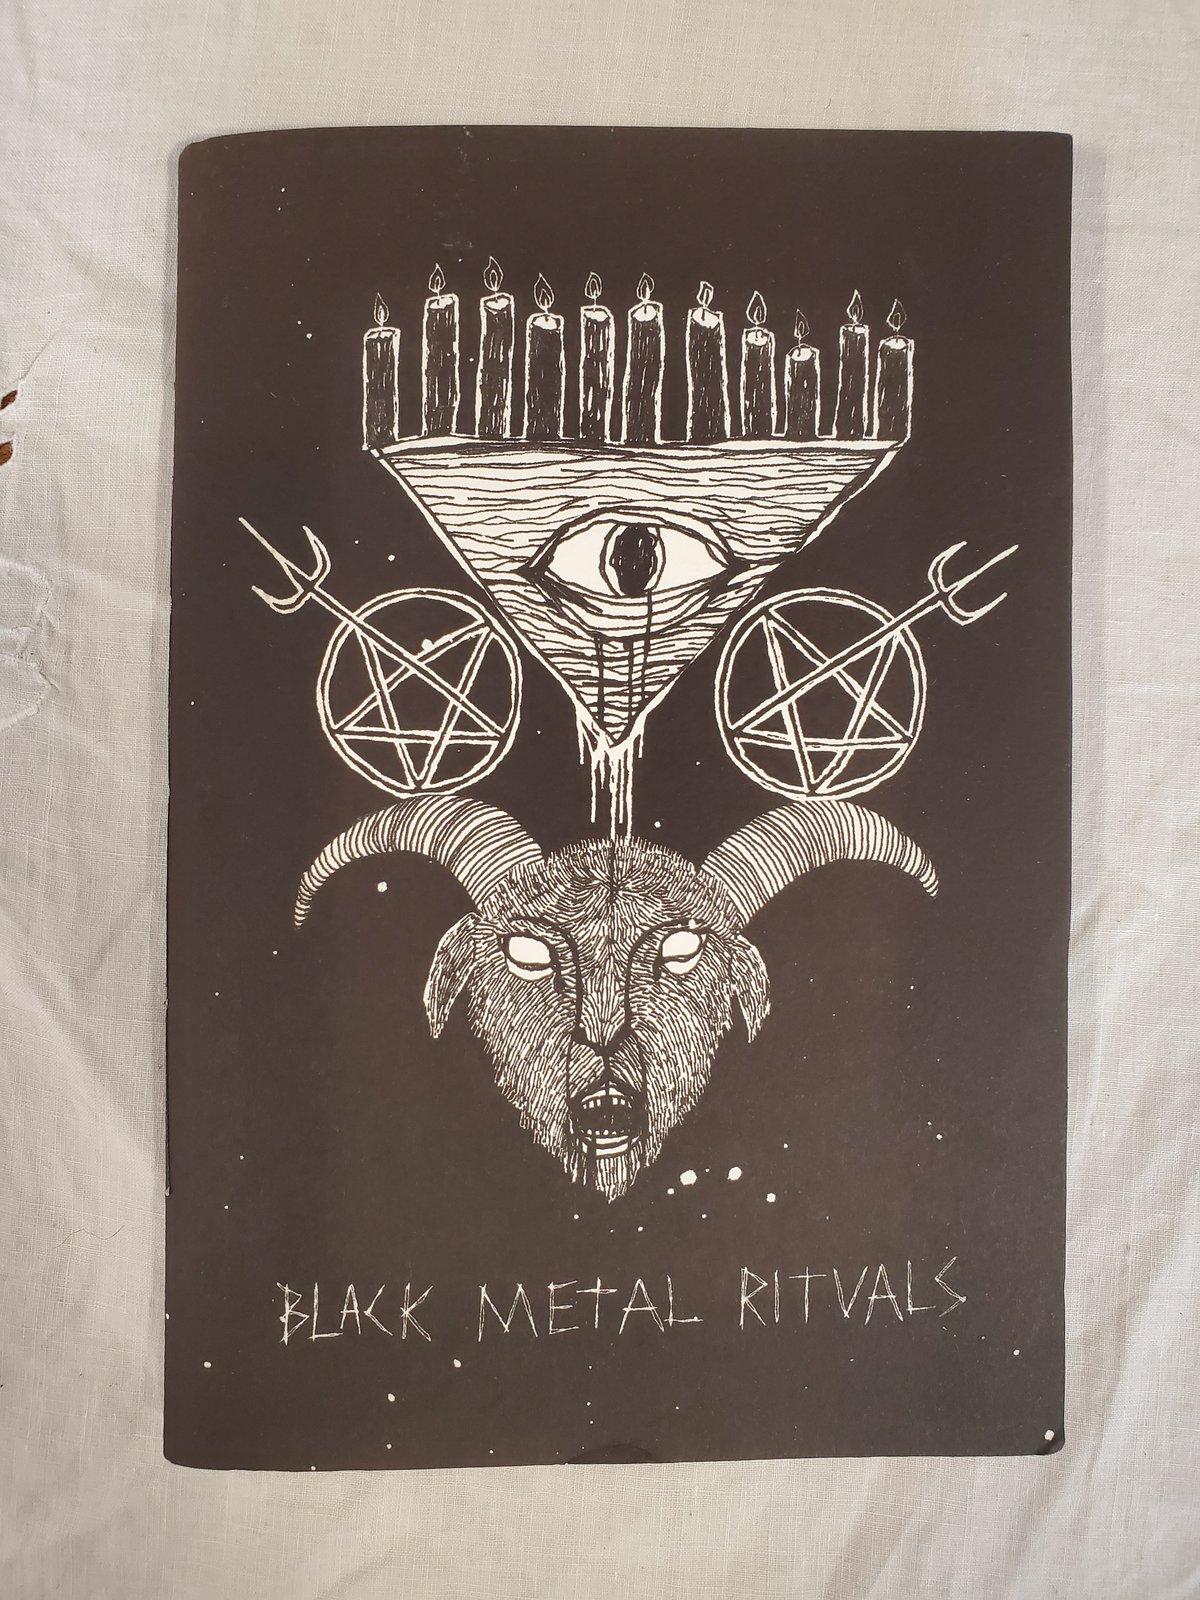 Image of Black metal art zine by Ali Horn